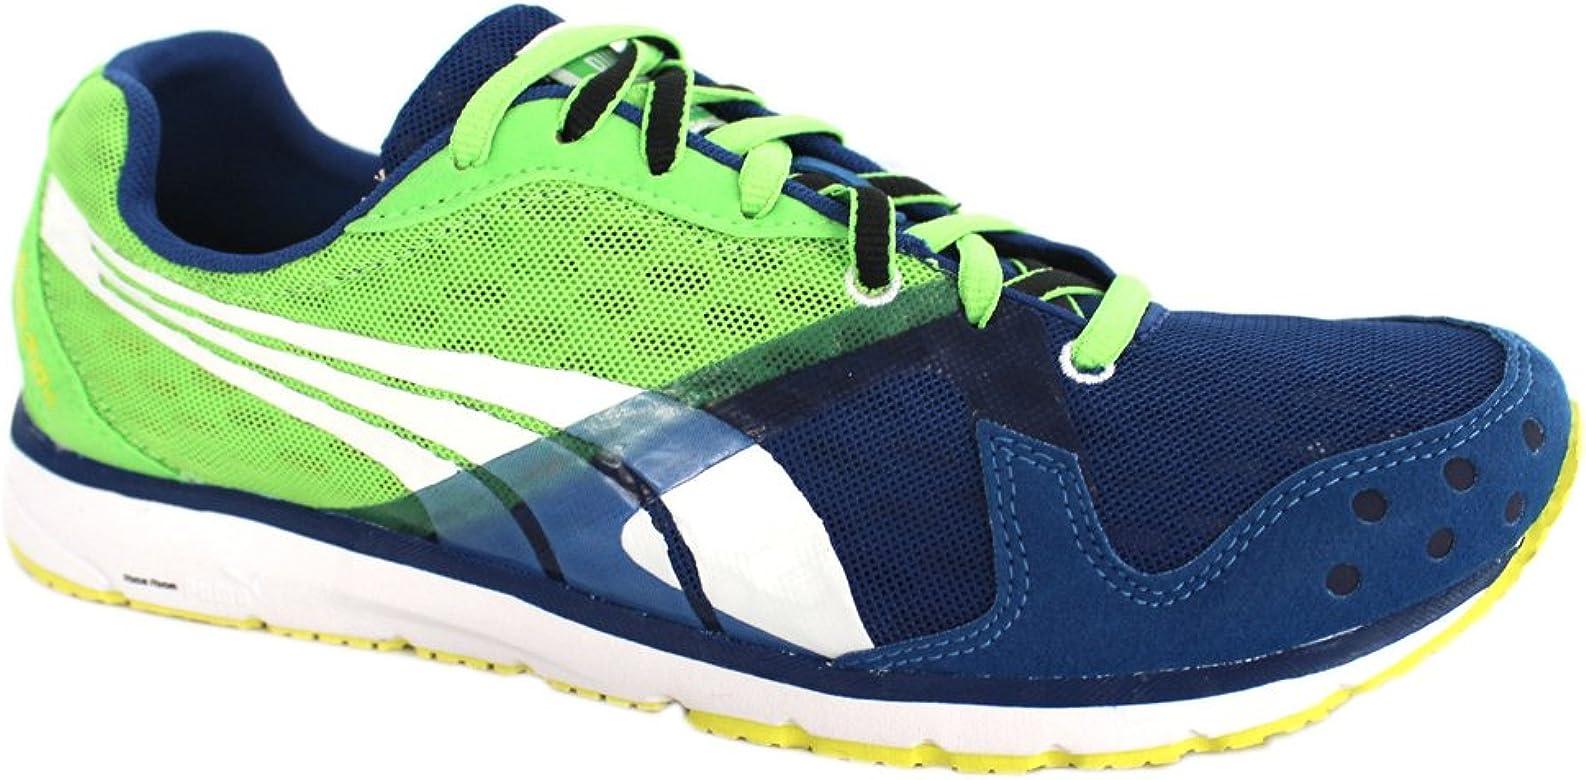 PUMA Zapatillas Running Hombre Faas 300 V2 Monaco (Talla 45 EU): Amazon.es: Zapatos y complementos